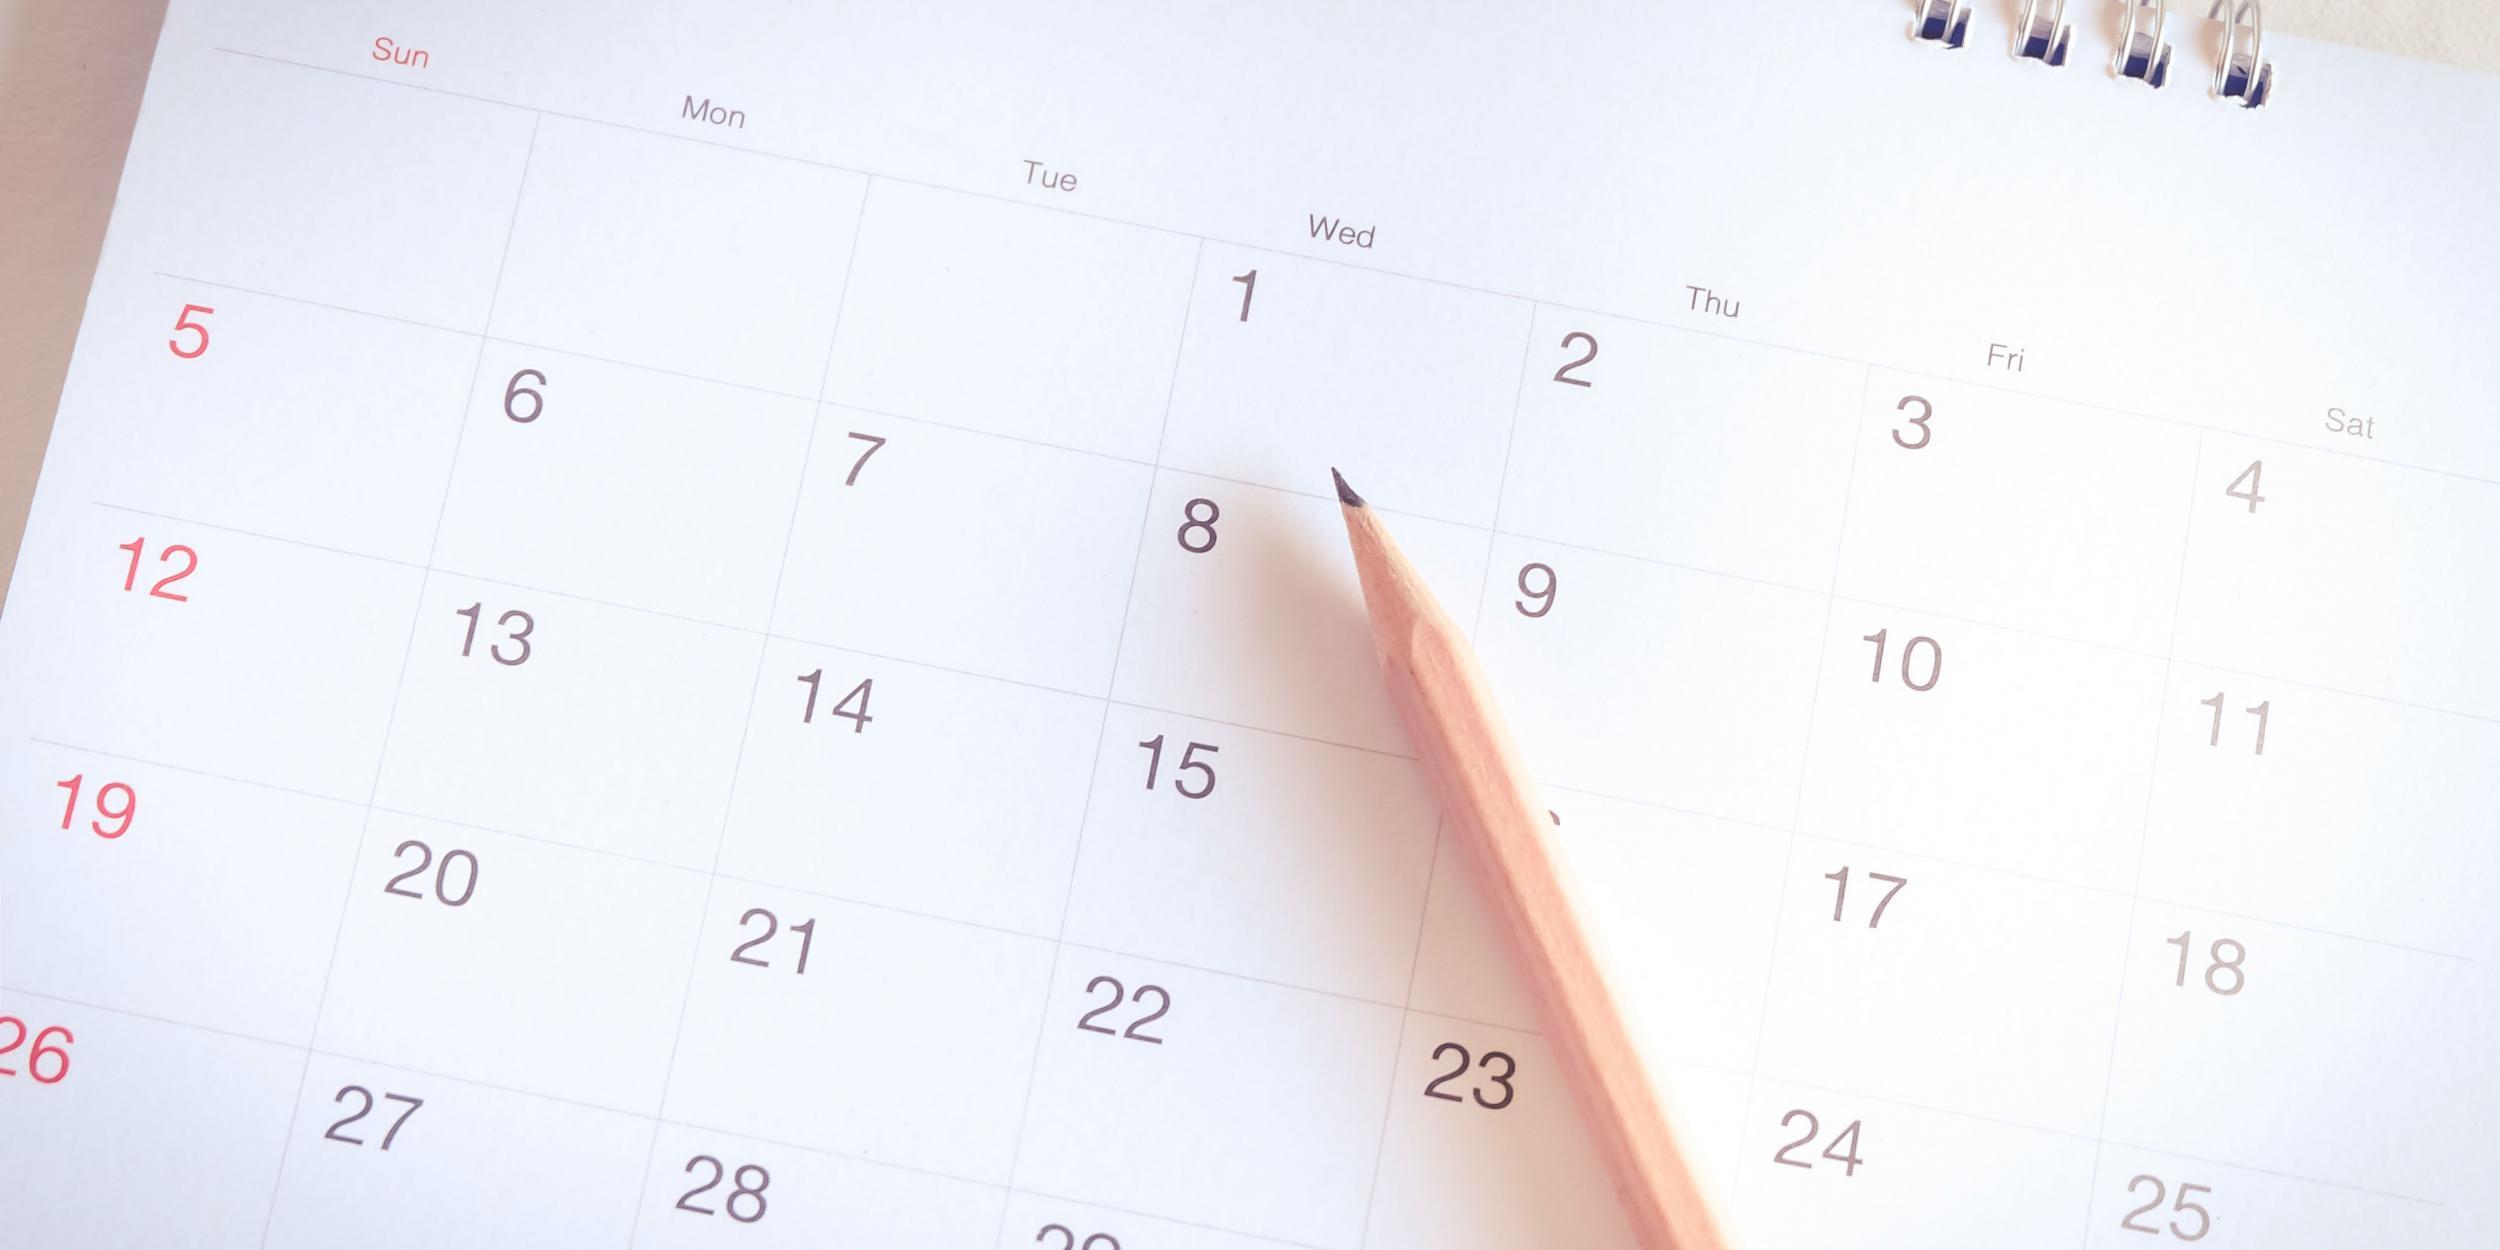 Chuyển đổi lịch ngày dương sang âm và lịch ngày âm sang dương